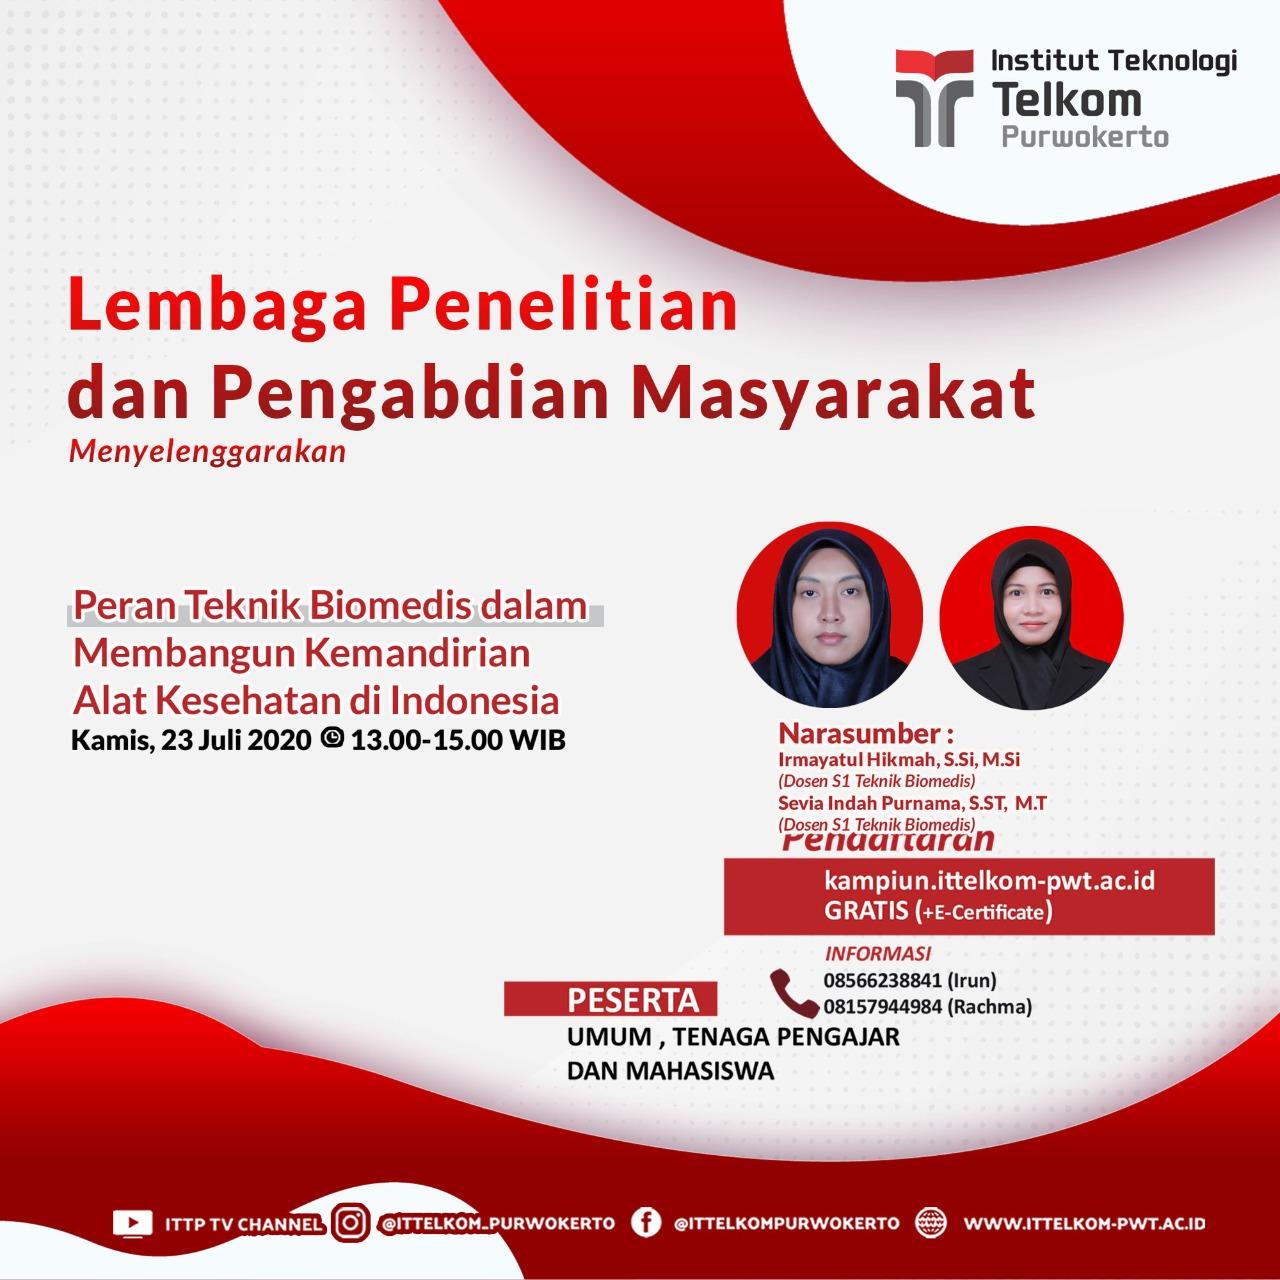 Peran Teknik Biomedis dalam Membangun Kemandirian Alat Kesehatan di Indonesia.